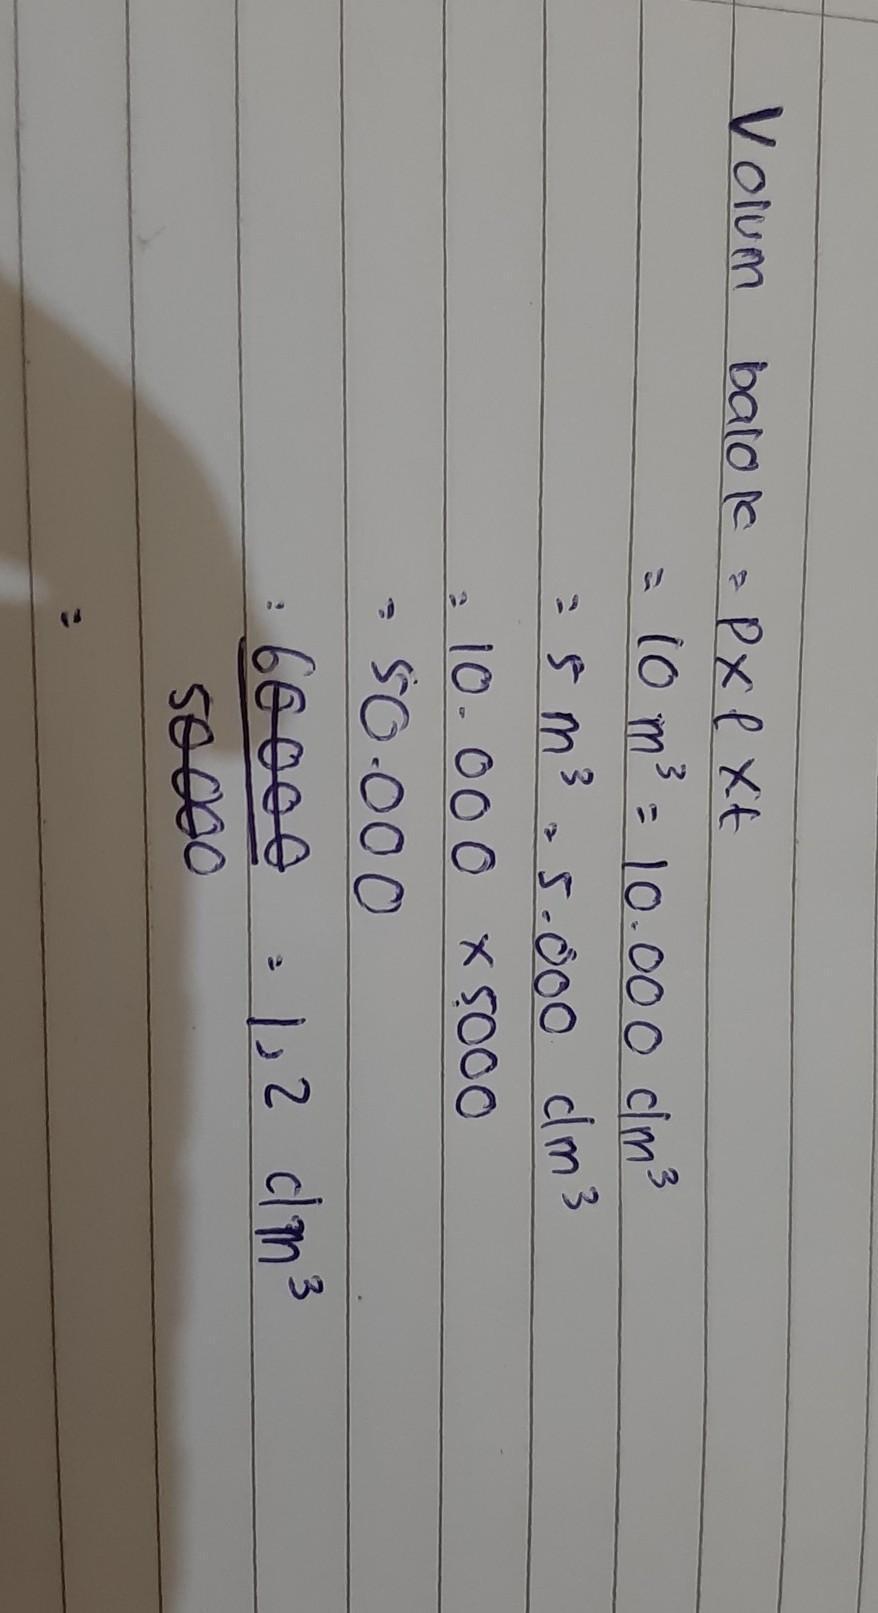 1 Liter Berapa Dm : liter, berapa, Panjang, Meter, Lebar, Volume, Kolam, 60000, Liter, Berapa, Kedalaman, Brainly.co.id